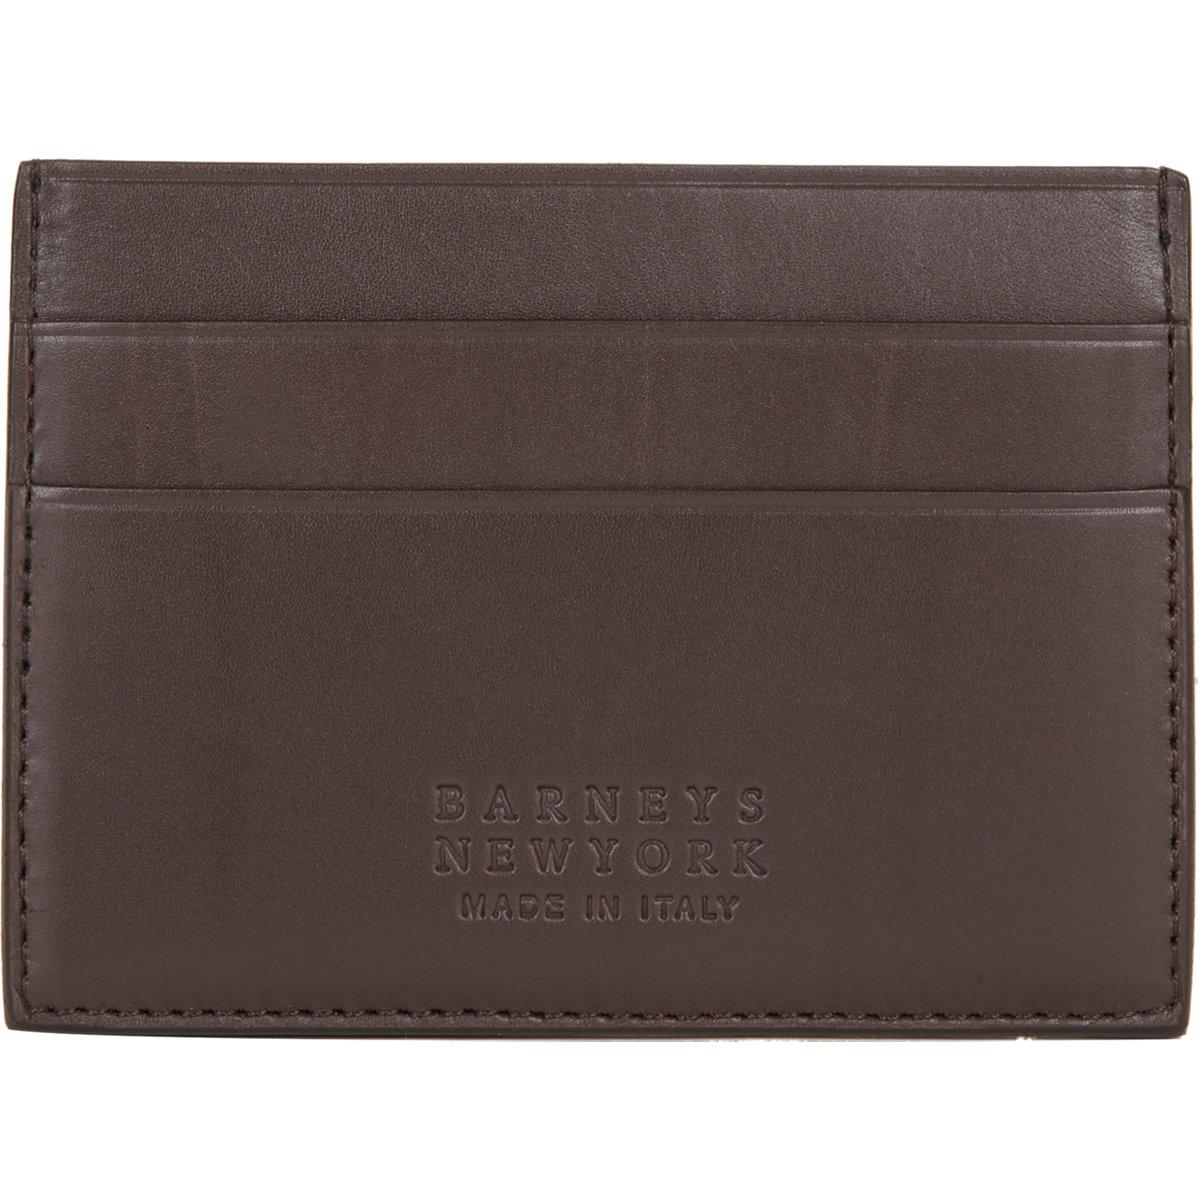 lyst barneys new york credit card case in brown for men. Black Bedroom Furniture Sets. Home Design Ideas